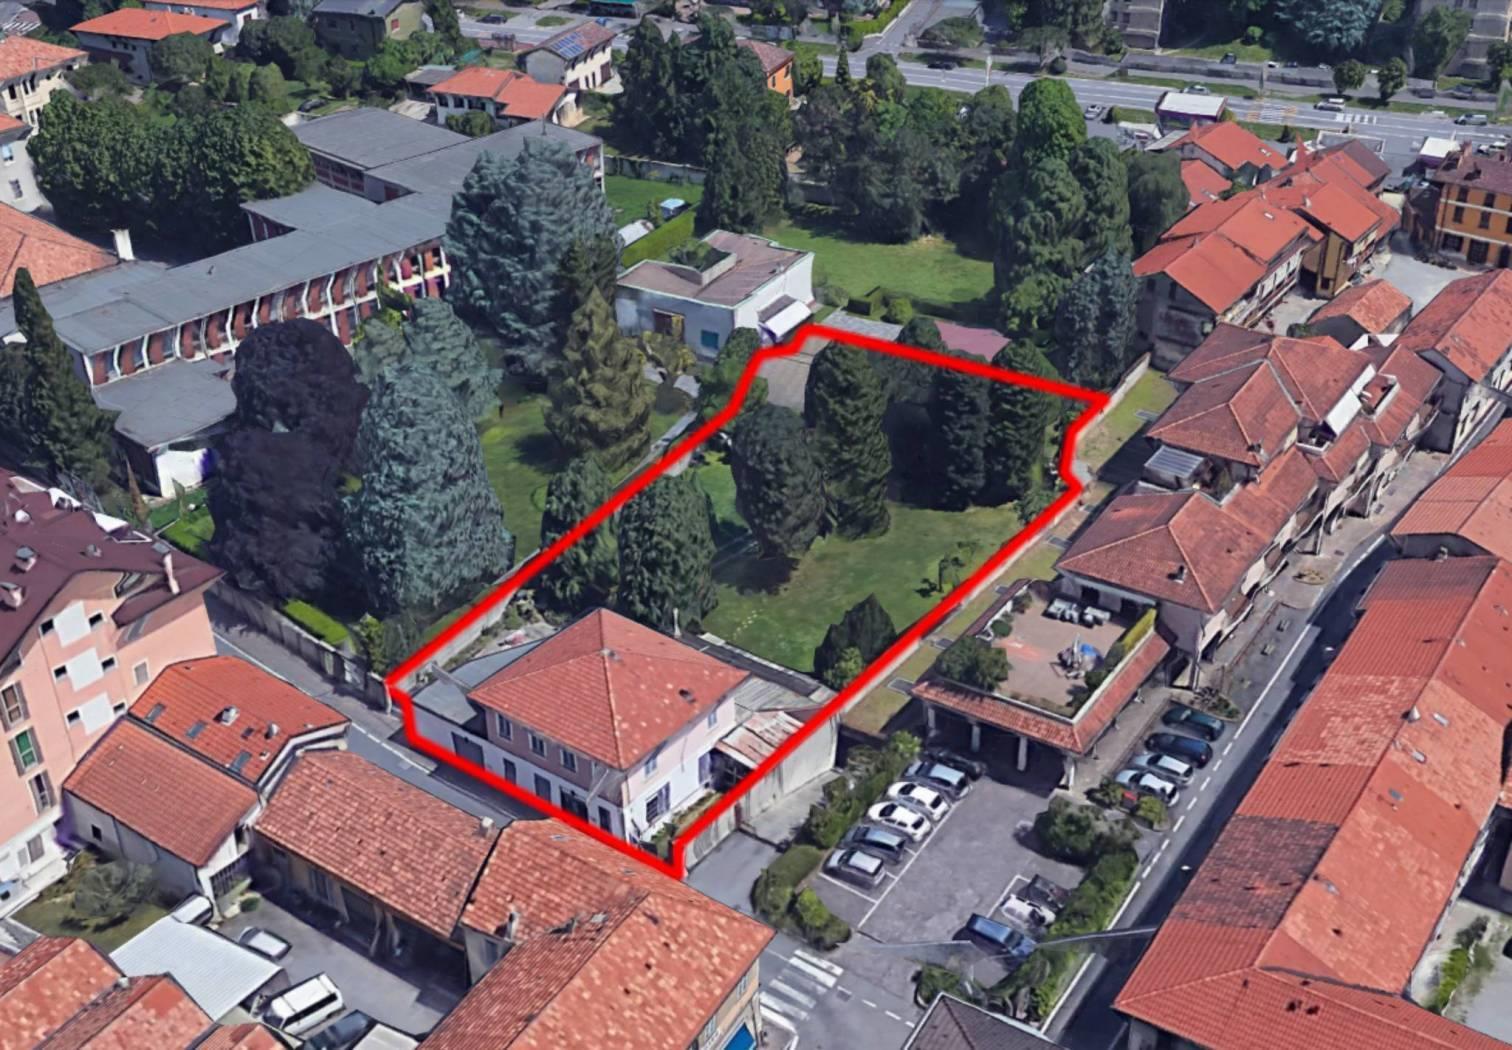 Foto 3 - Villetta a schiera in Vendita - Agrate Brianza (Monza e Brianza)